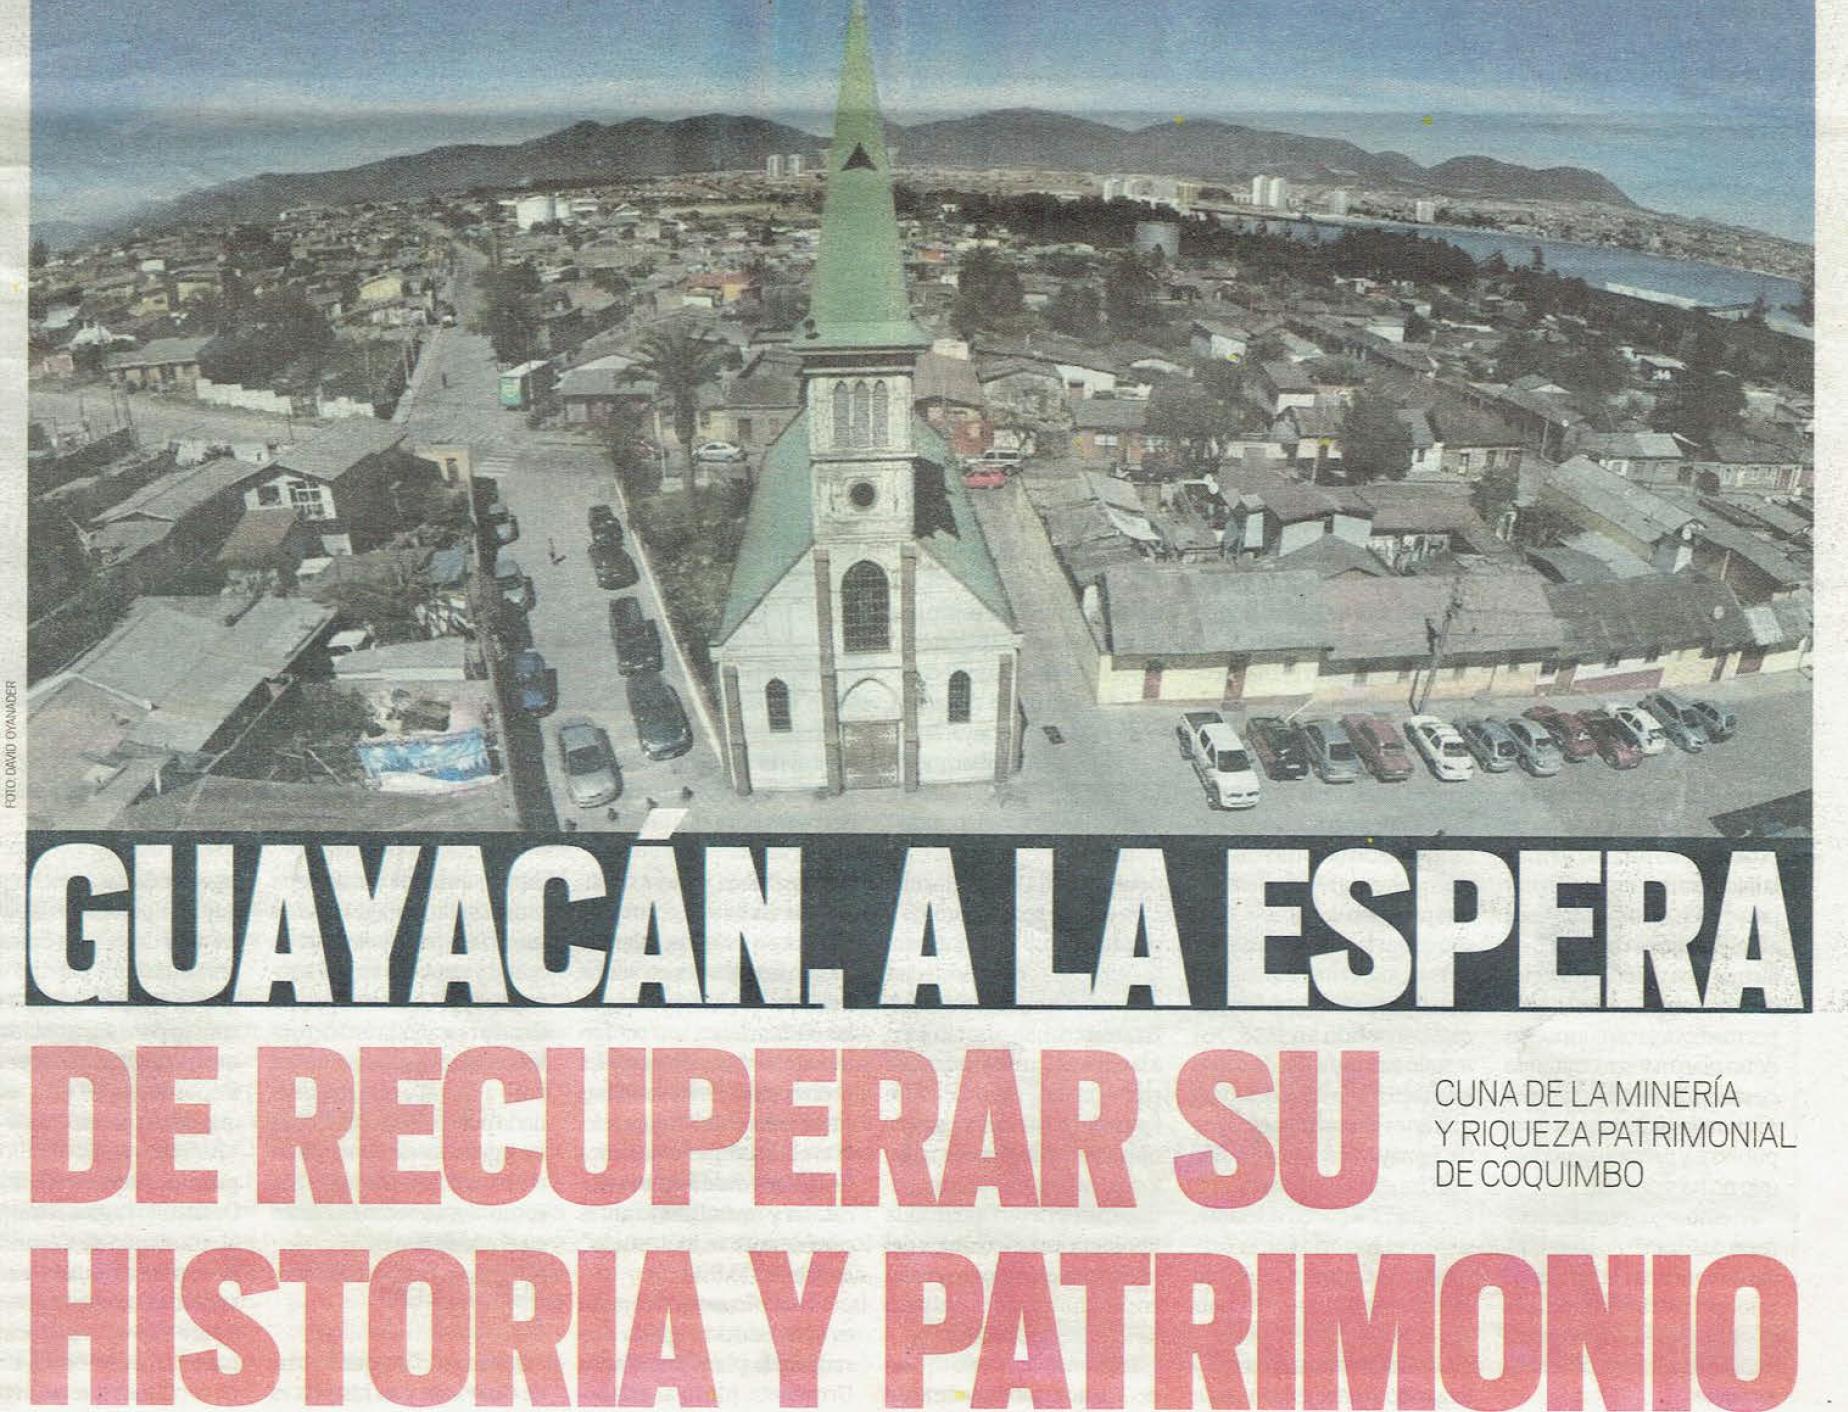 Guayacán, a la espera de recuperar su historia y patrimonio.